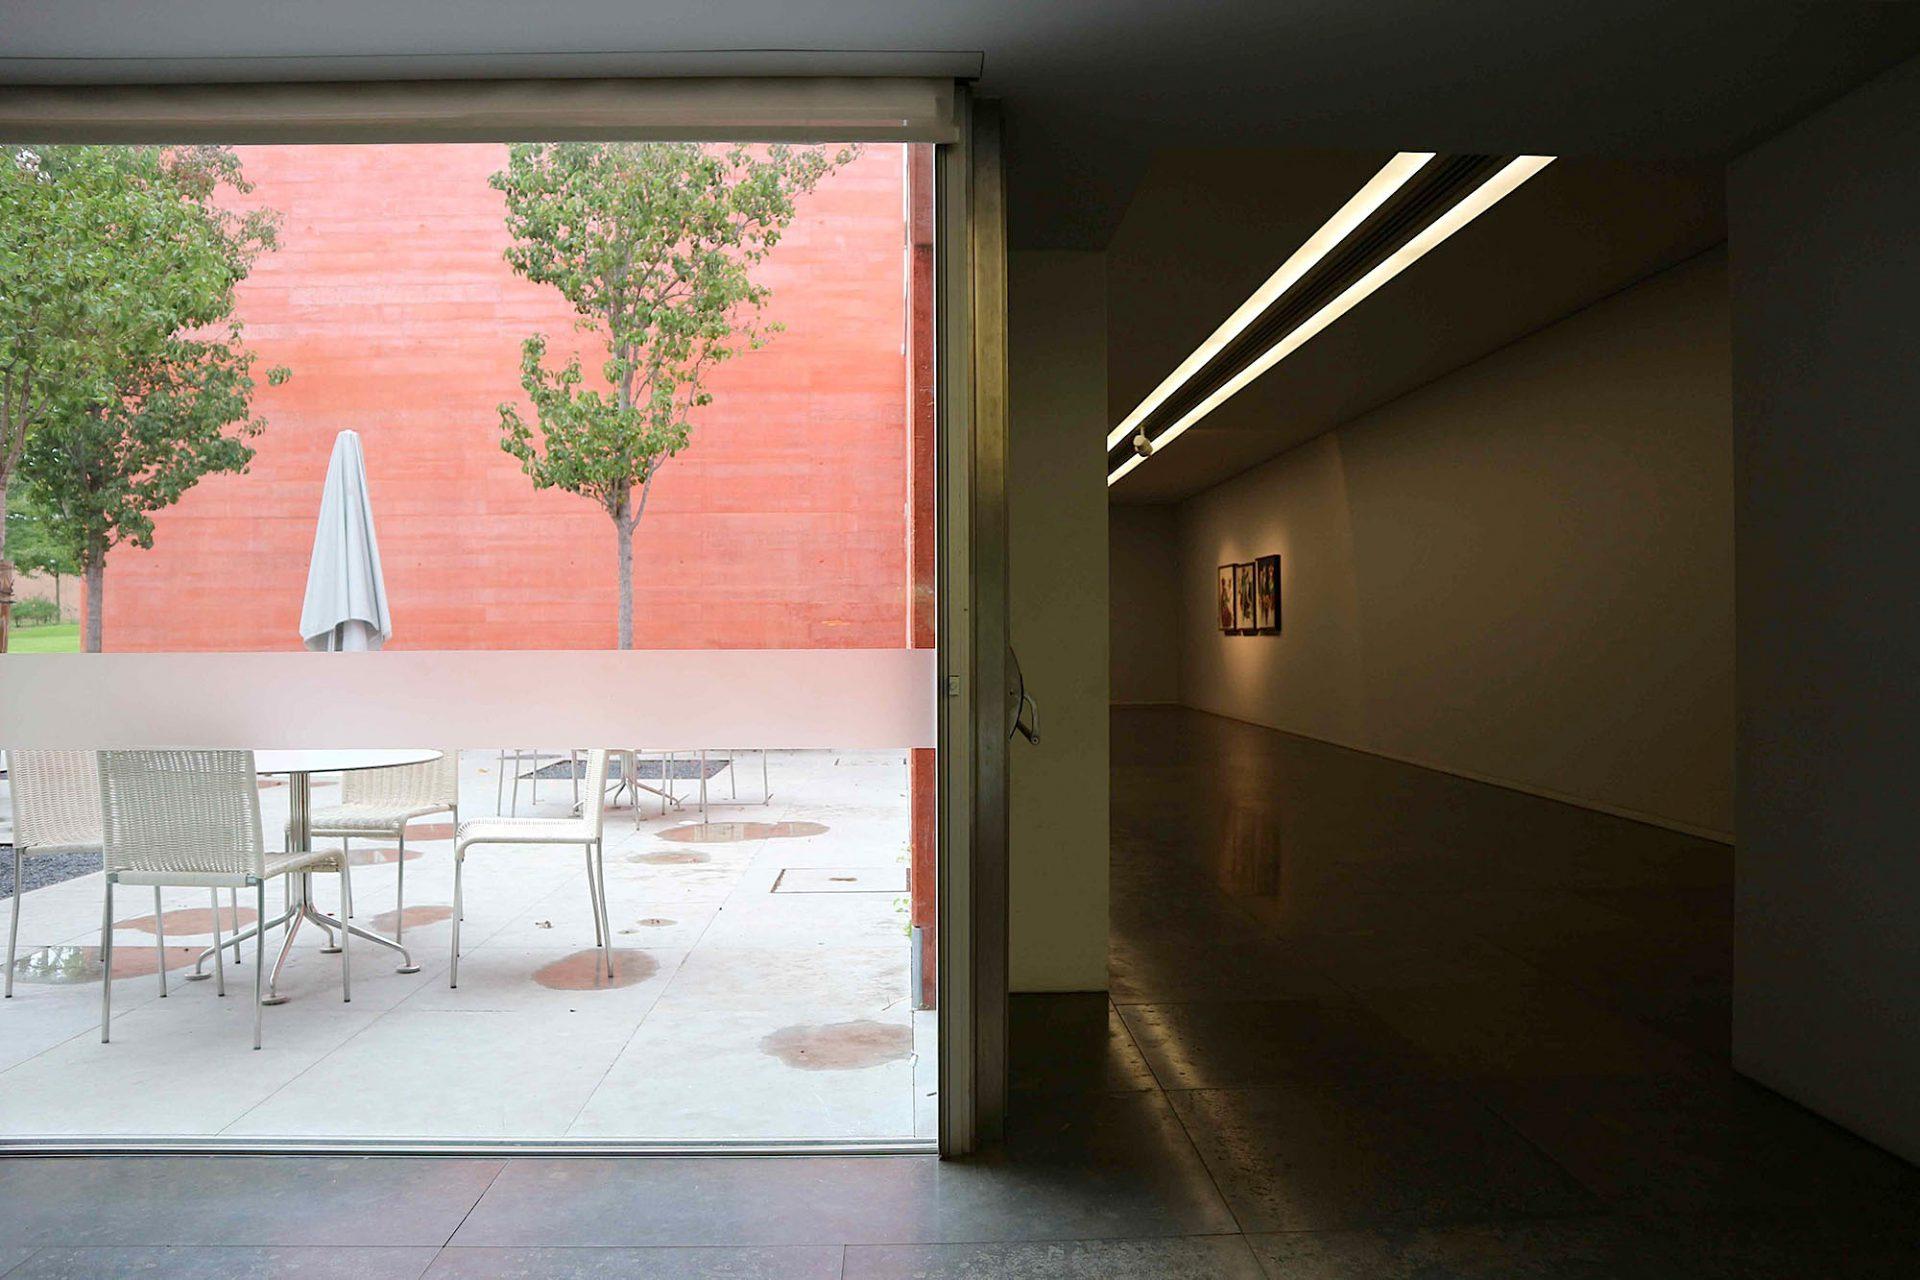 """Haus der Geschichten Paula Rego.  """"Es war meine Absicht, dass jeder Ausstellungsraum eine Öffnung nach außen zum Garten haben sollte. Es ist nie zu viel oder falsch, die abstrakte und total künstliche, artifizielle Realität der zeitgenössischen Kunst der Realität, die uns umgibt, gegenüberzustellen."""" Eduardo Souto de Moura"""